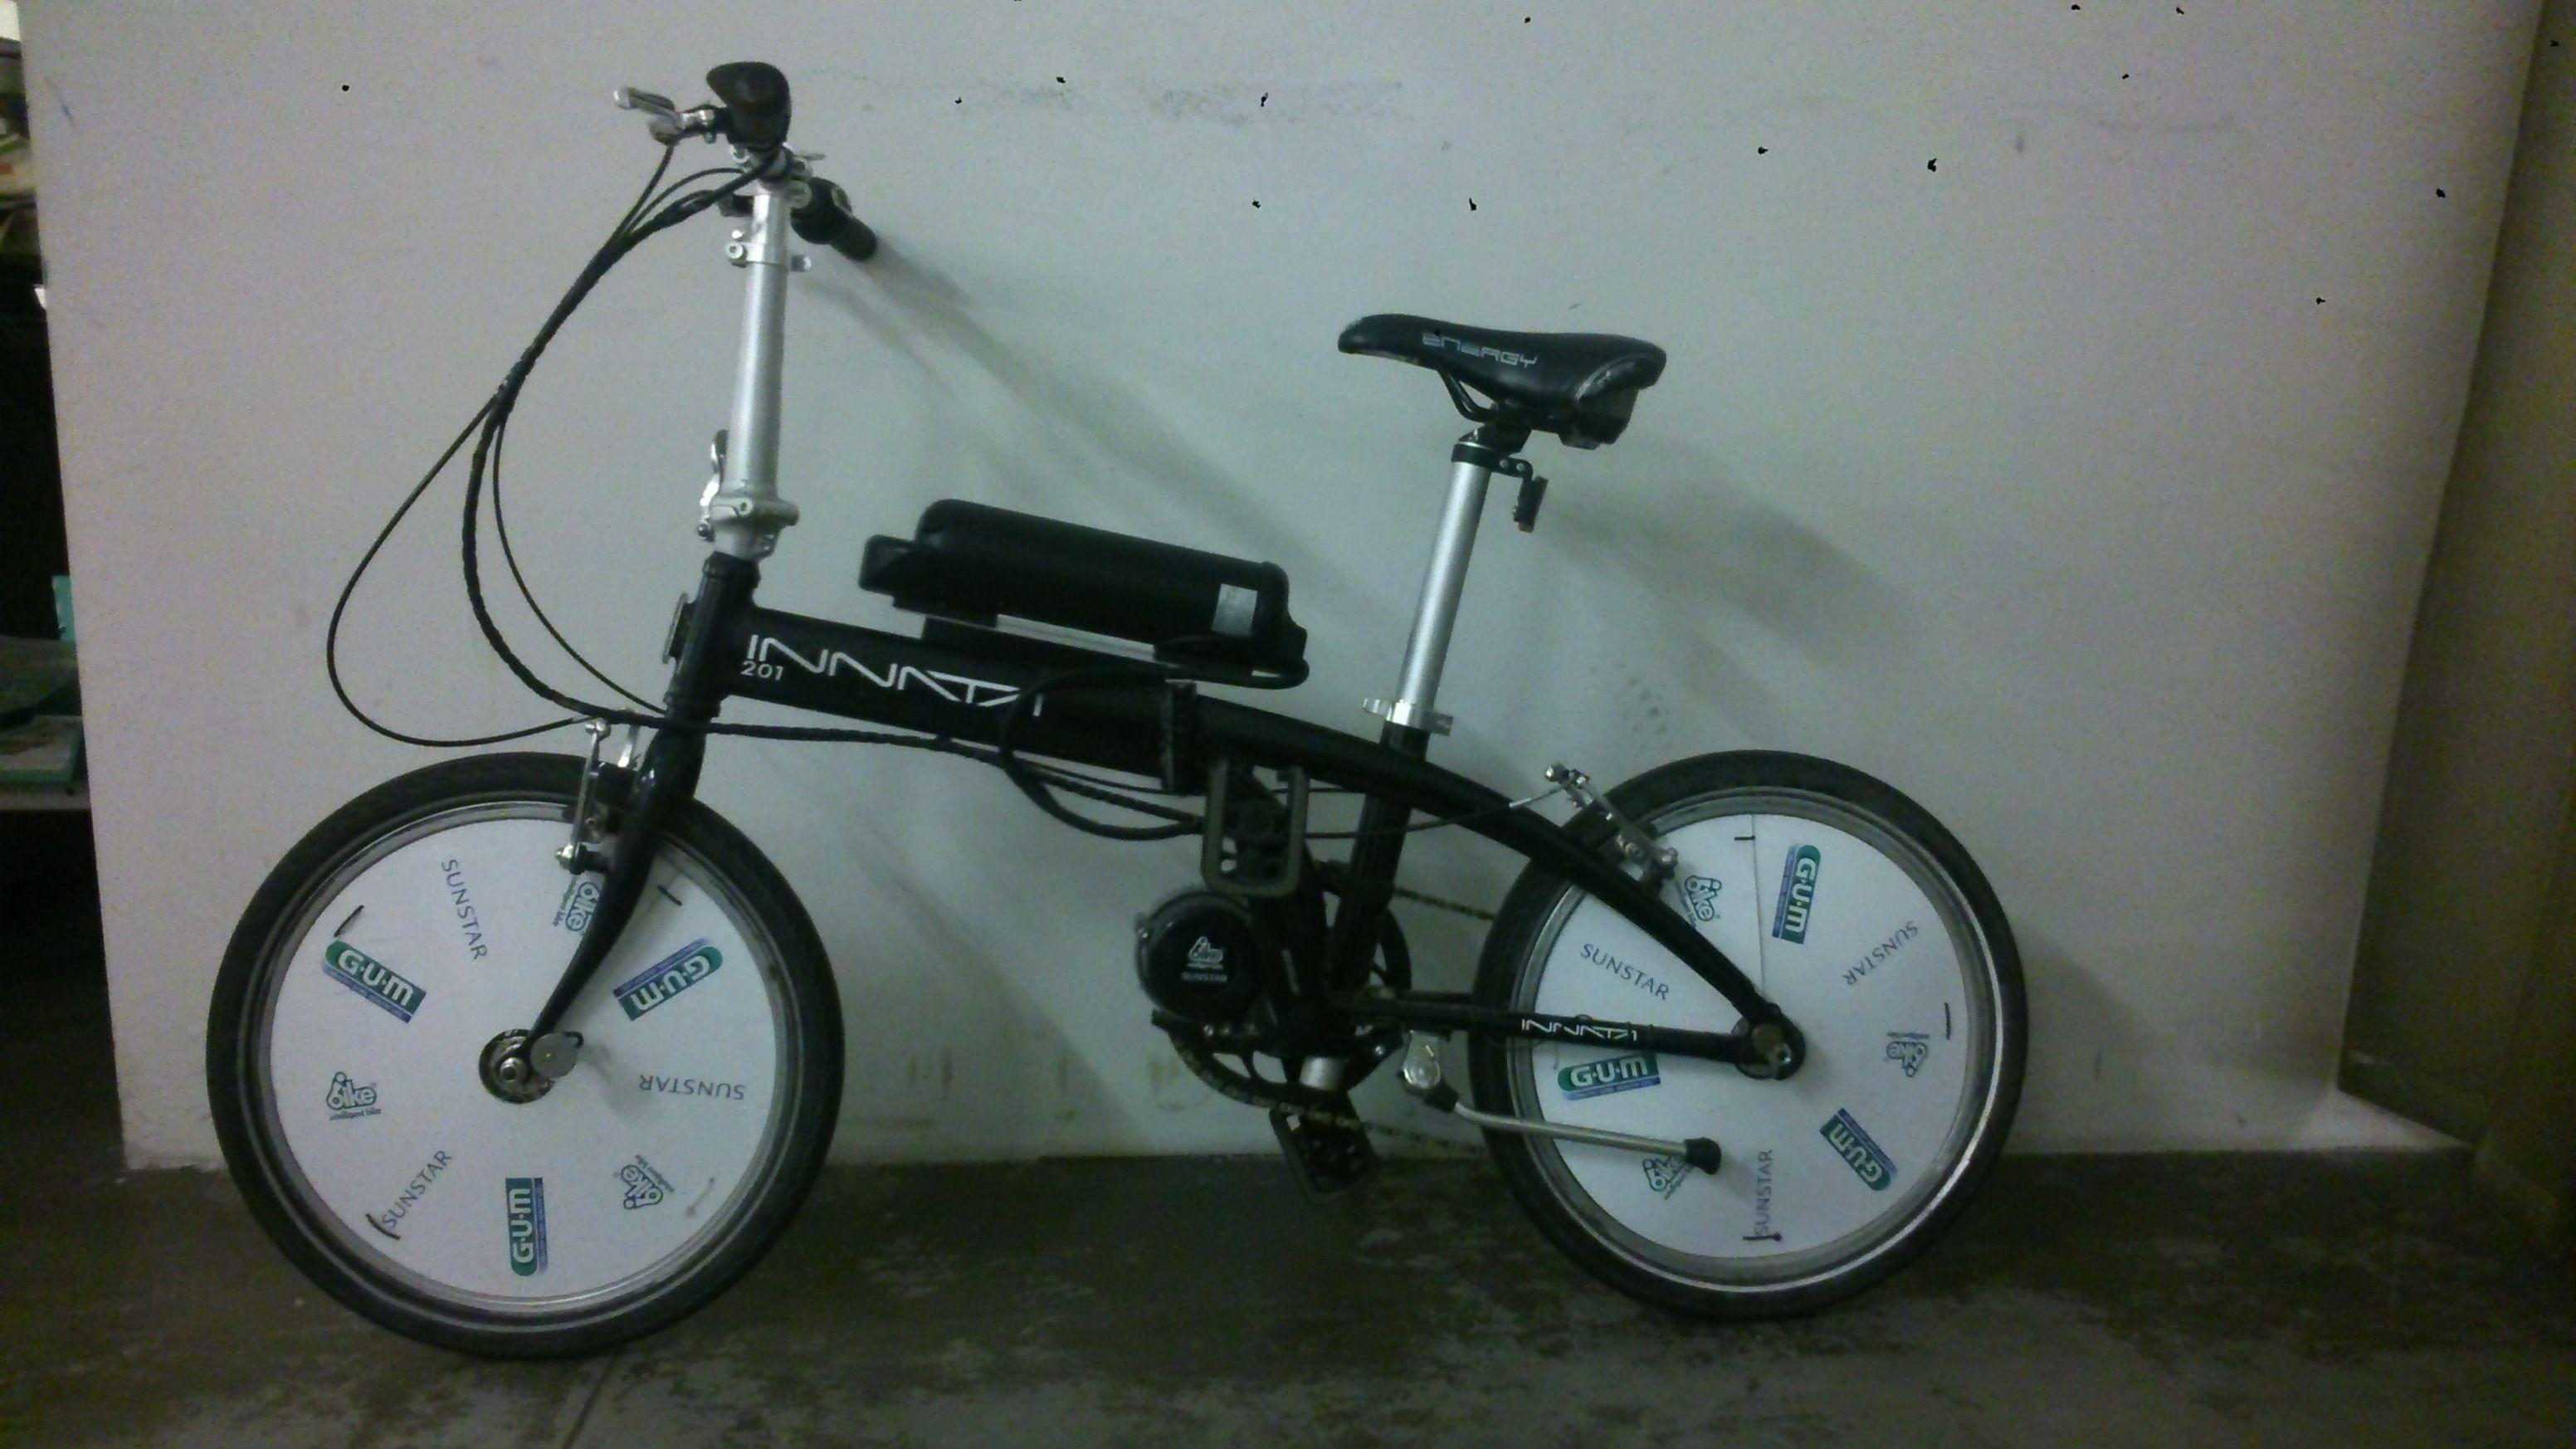 Pieghevole Motore Sunstar 24v Guidabilissima➀ Annunci Biciclette